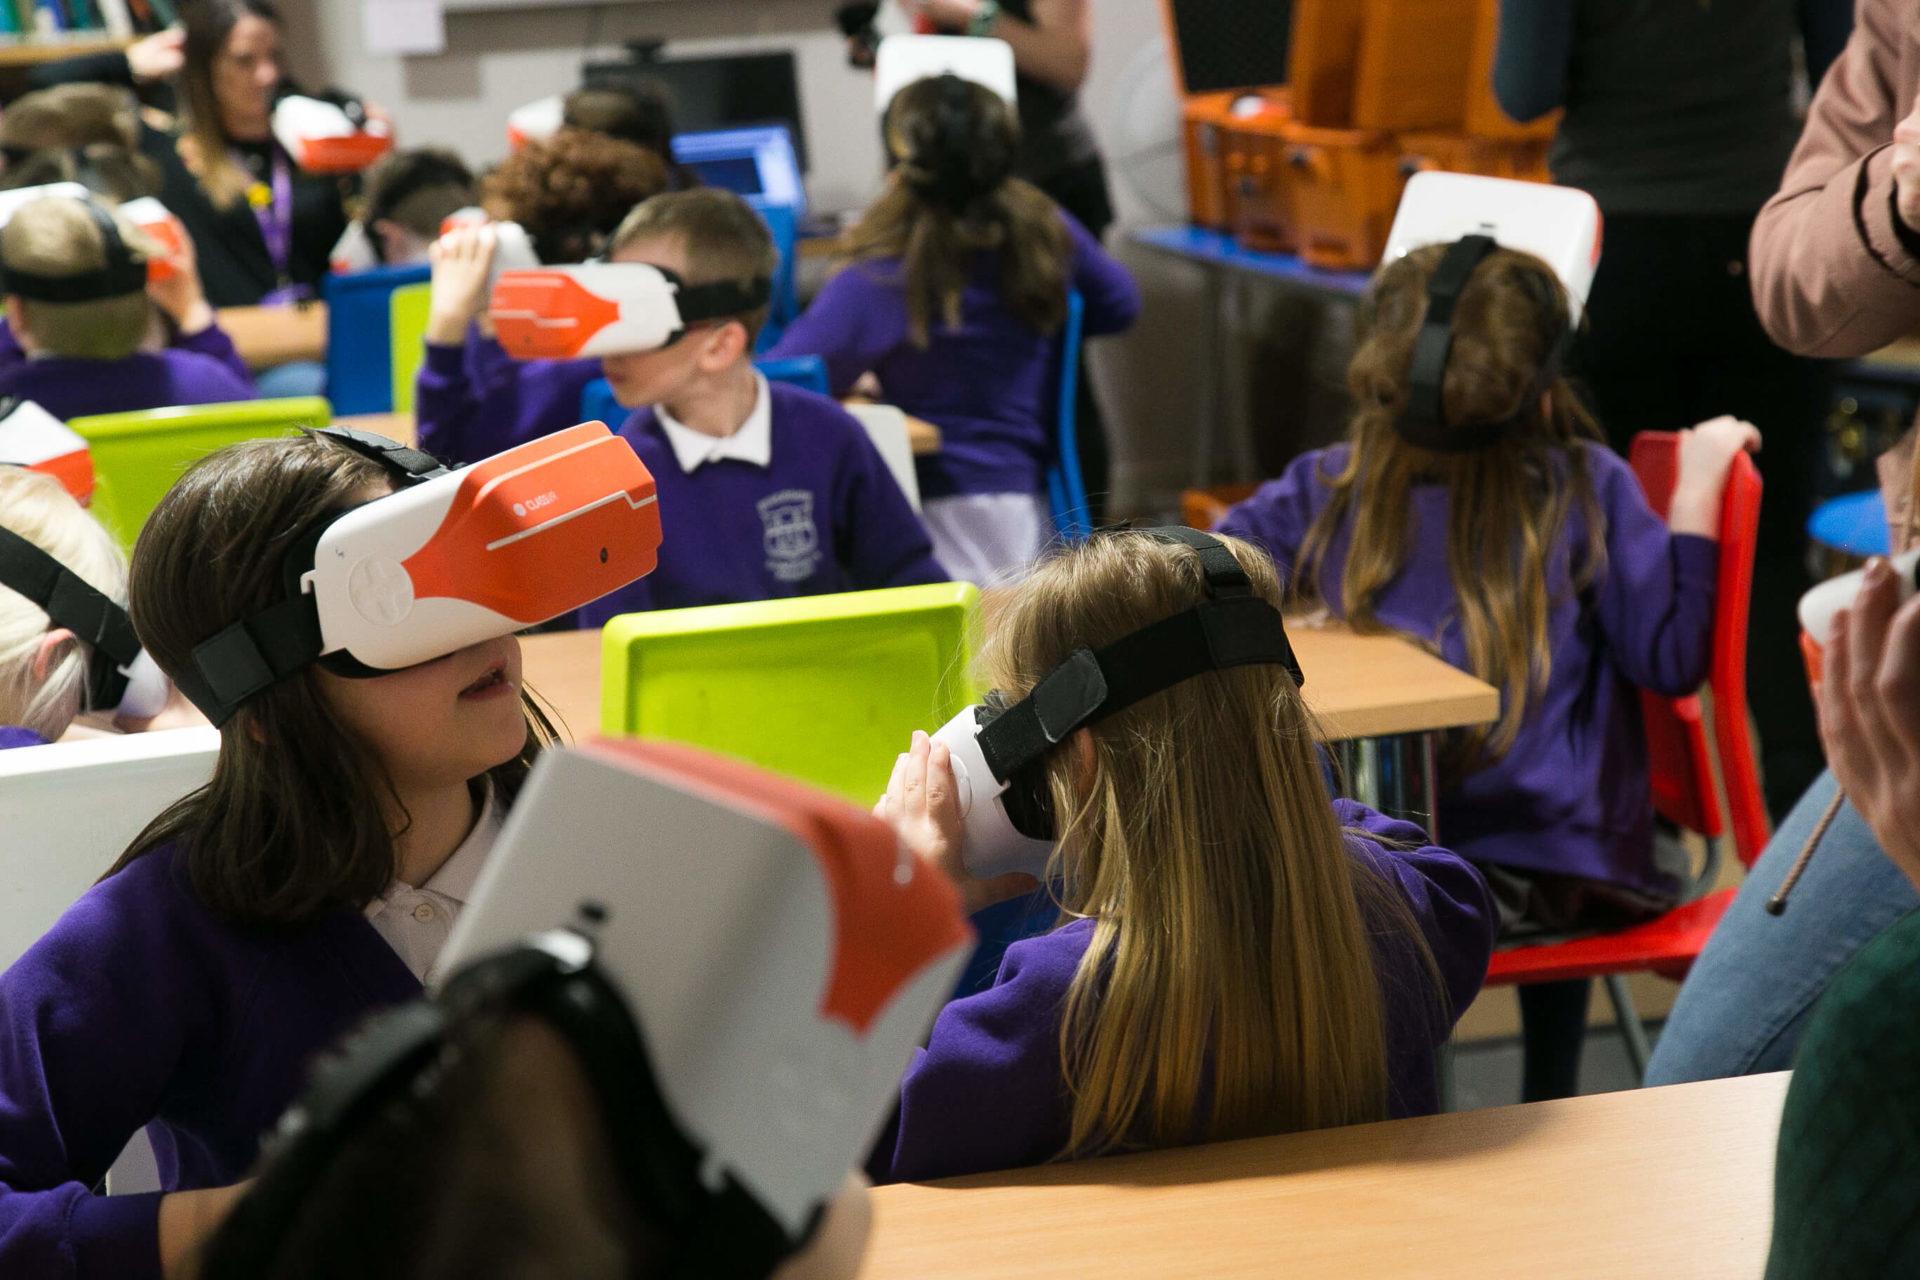 Children VR OCT